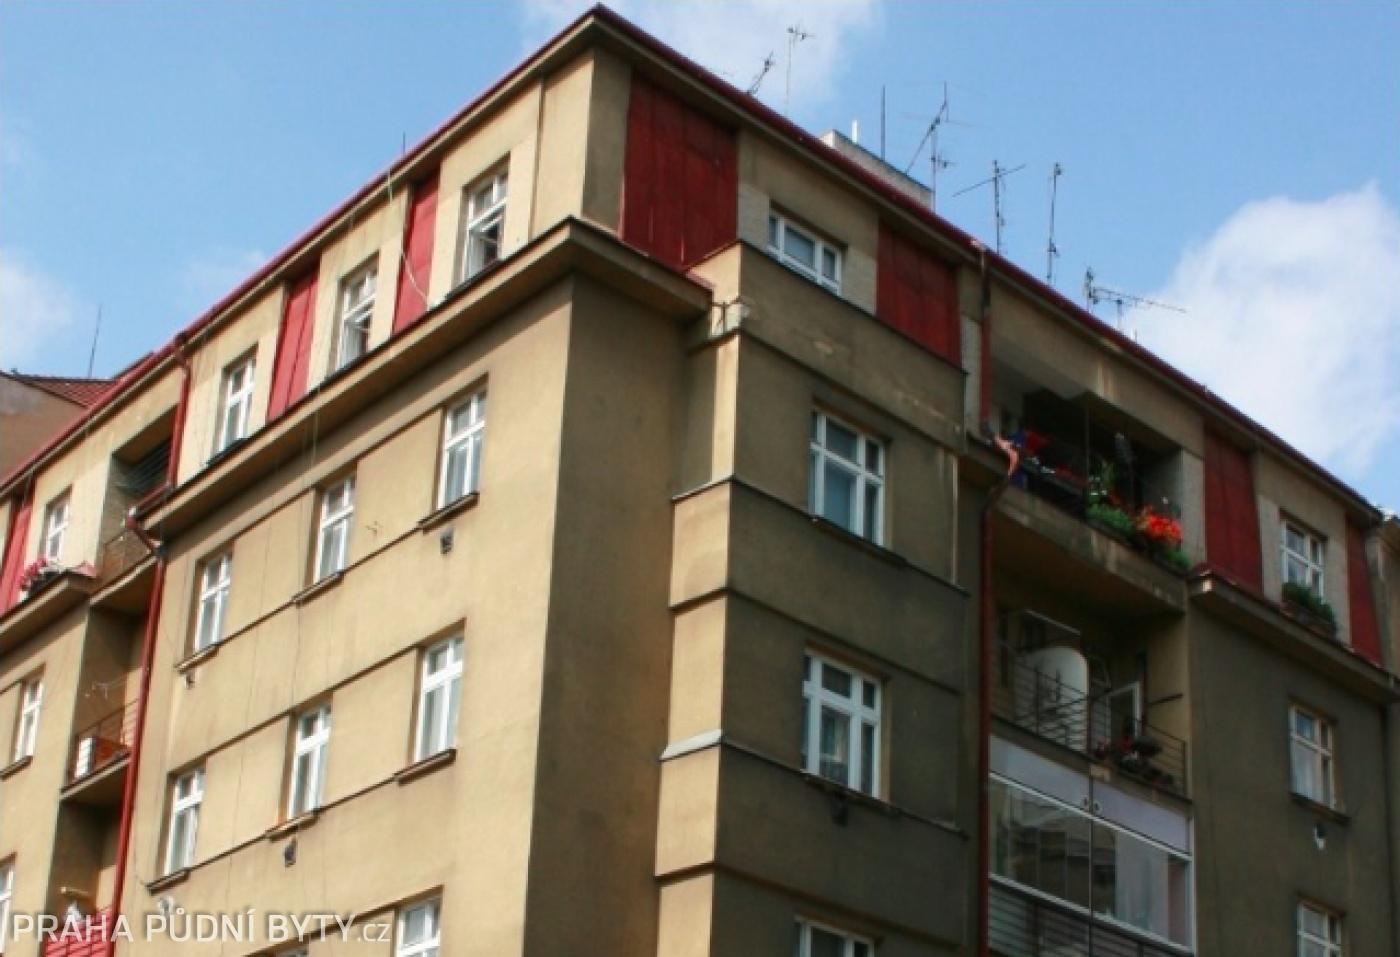 Aktuální stav - developerský projekt Jaurisova, ulice Jaurisova, Praha 4 - Nusle | 2